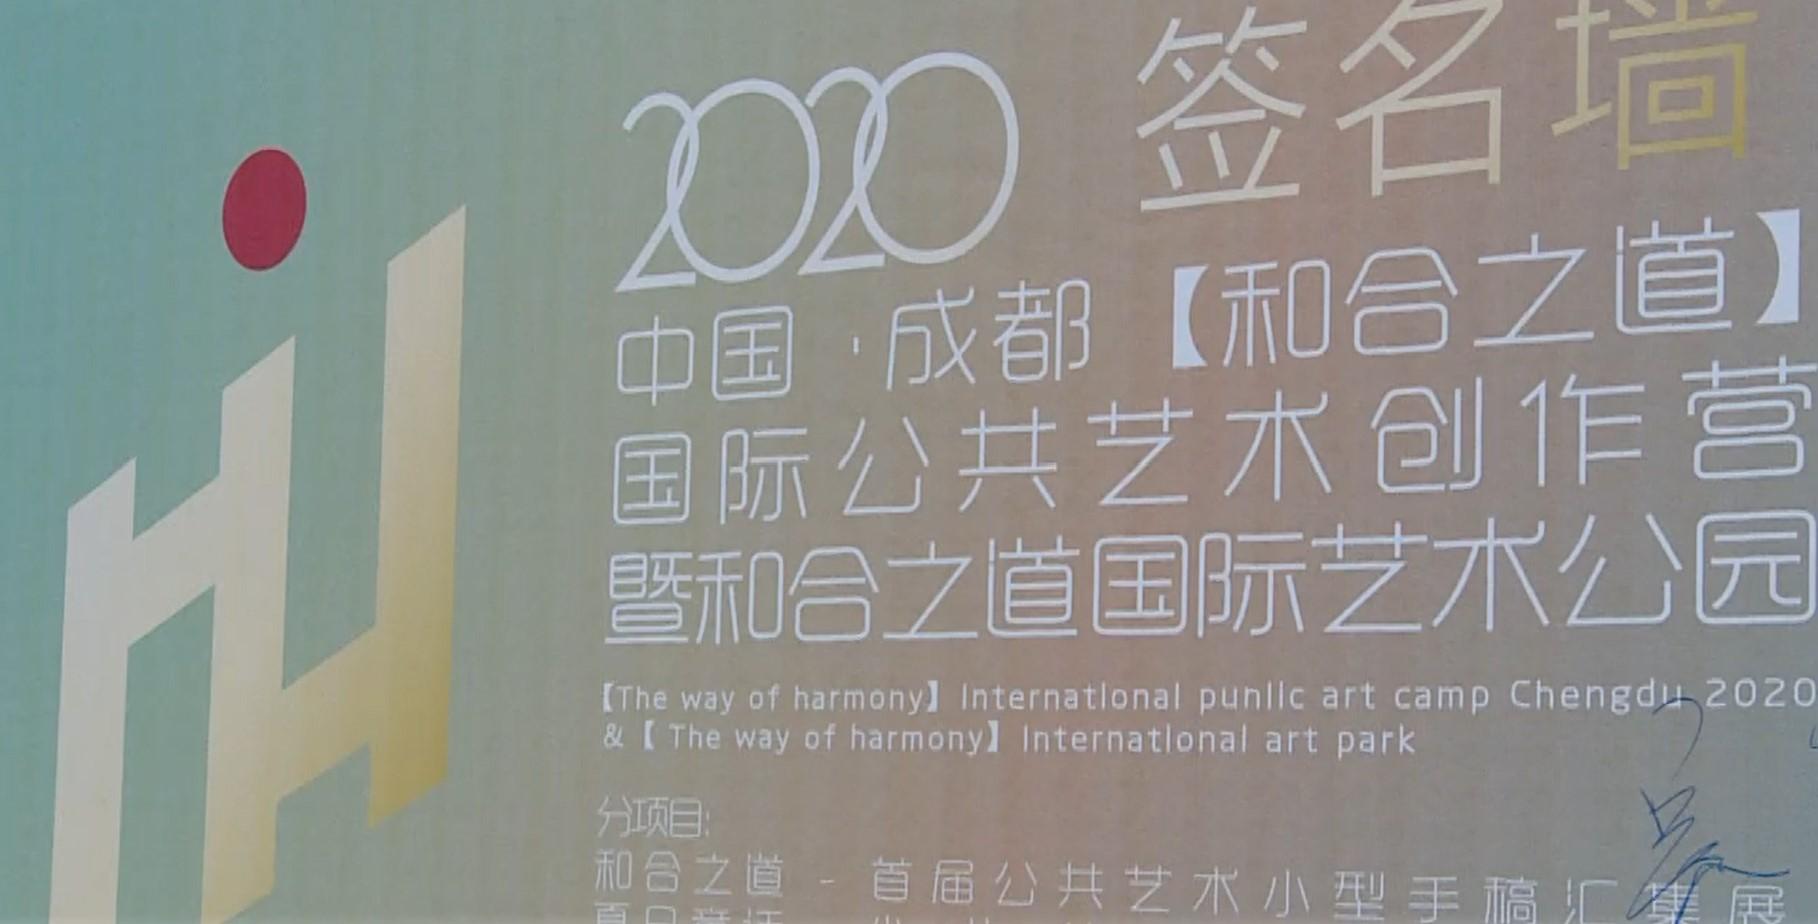 中国·成都【和合之道】国际公共艺术创作营开营